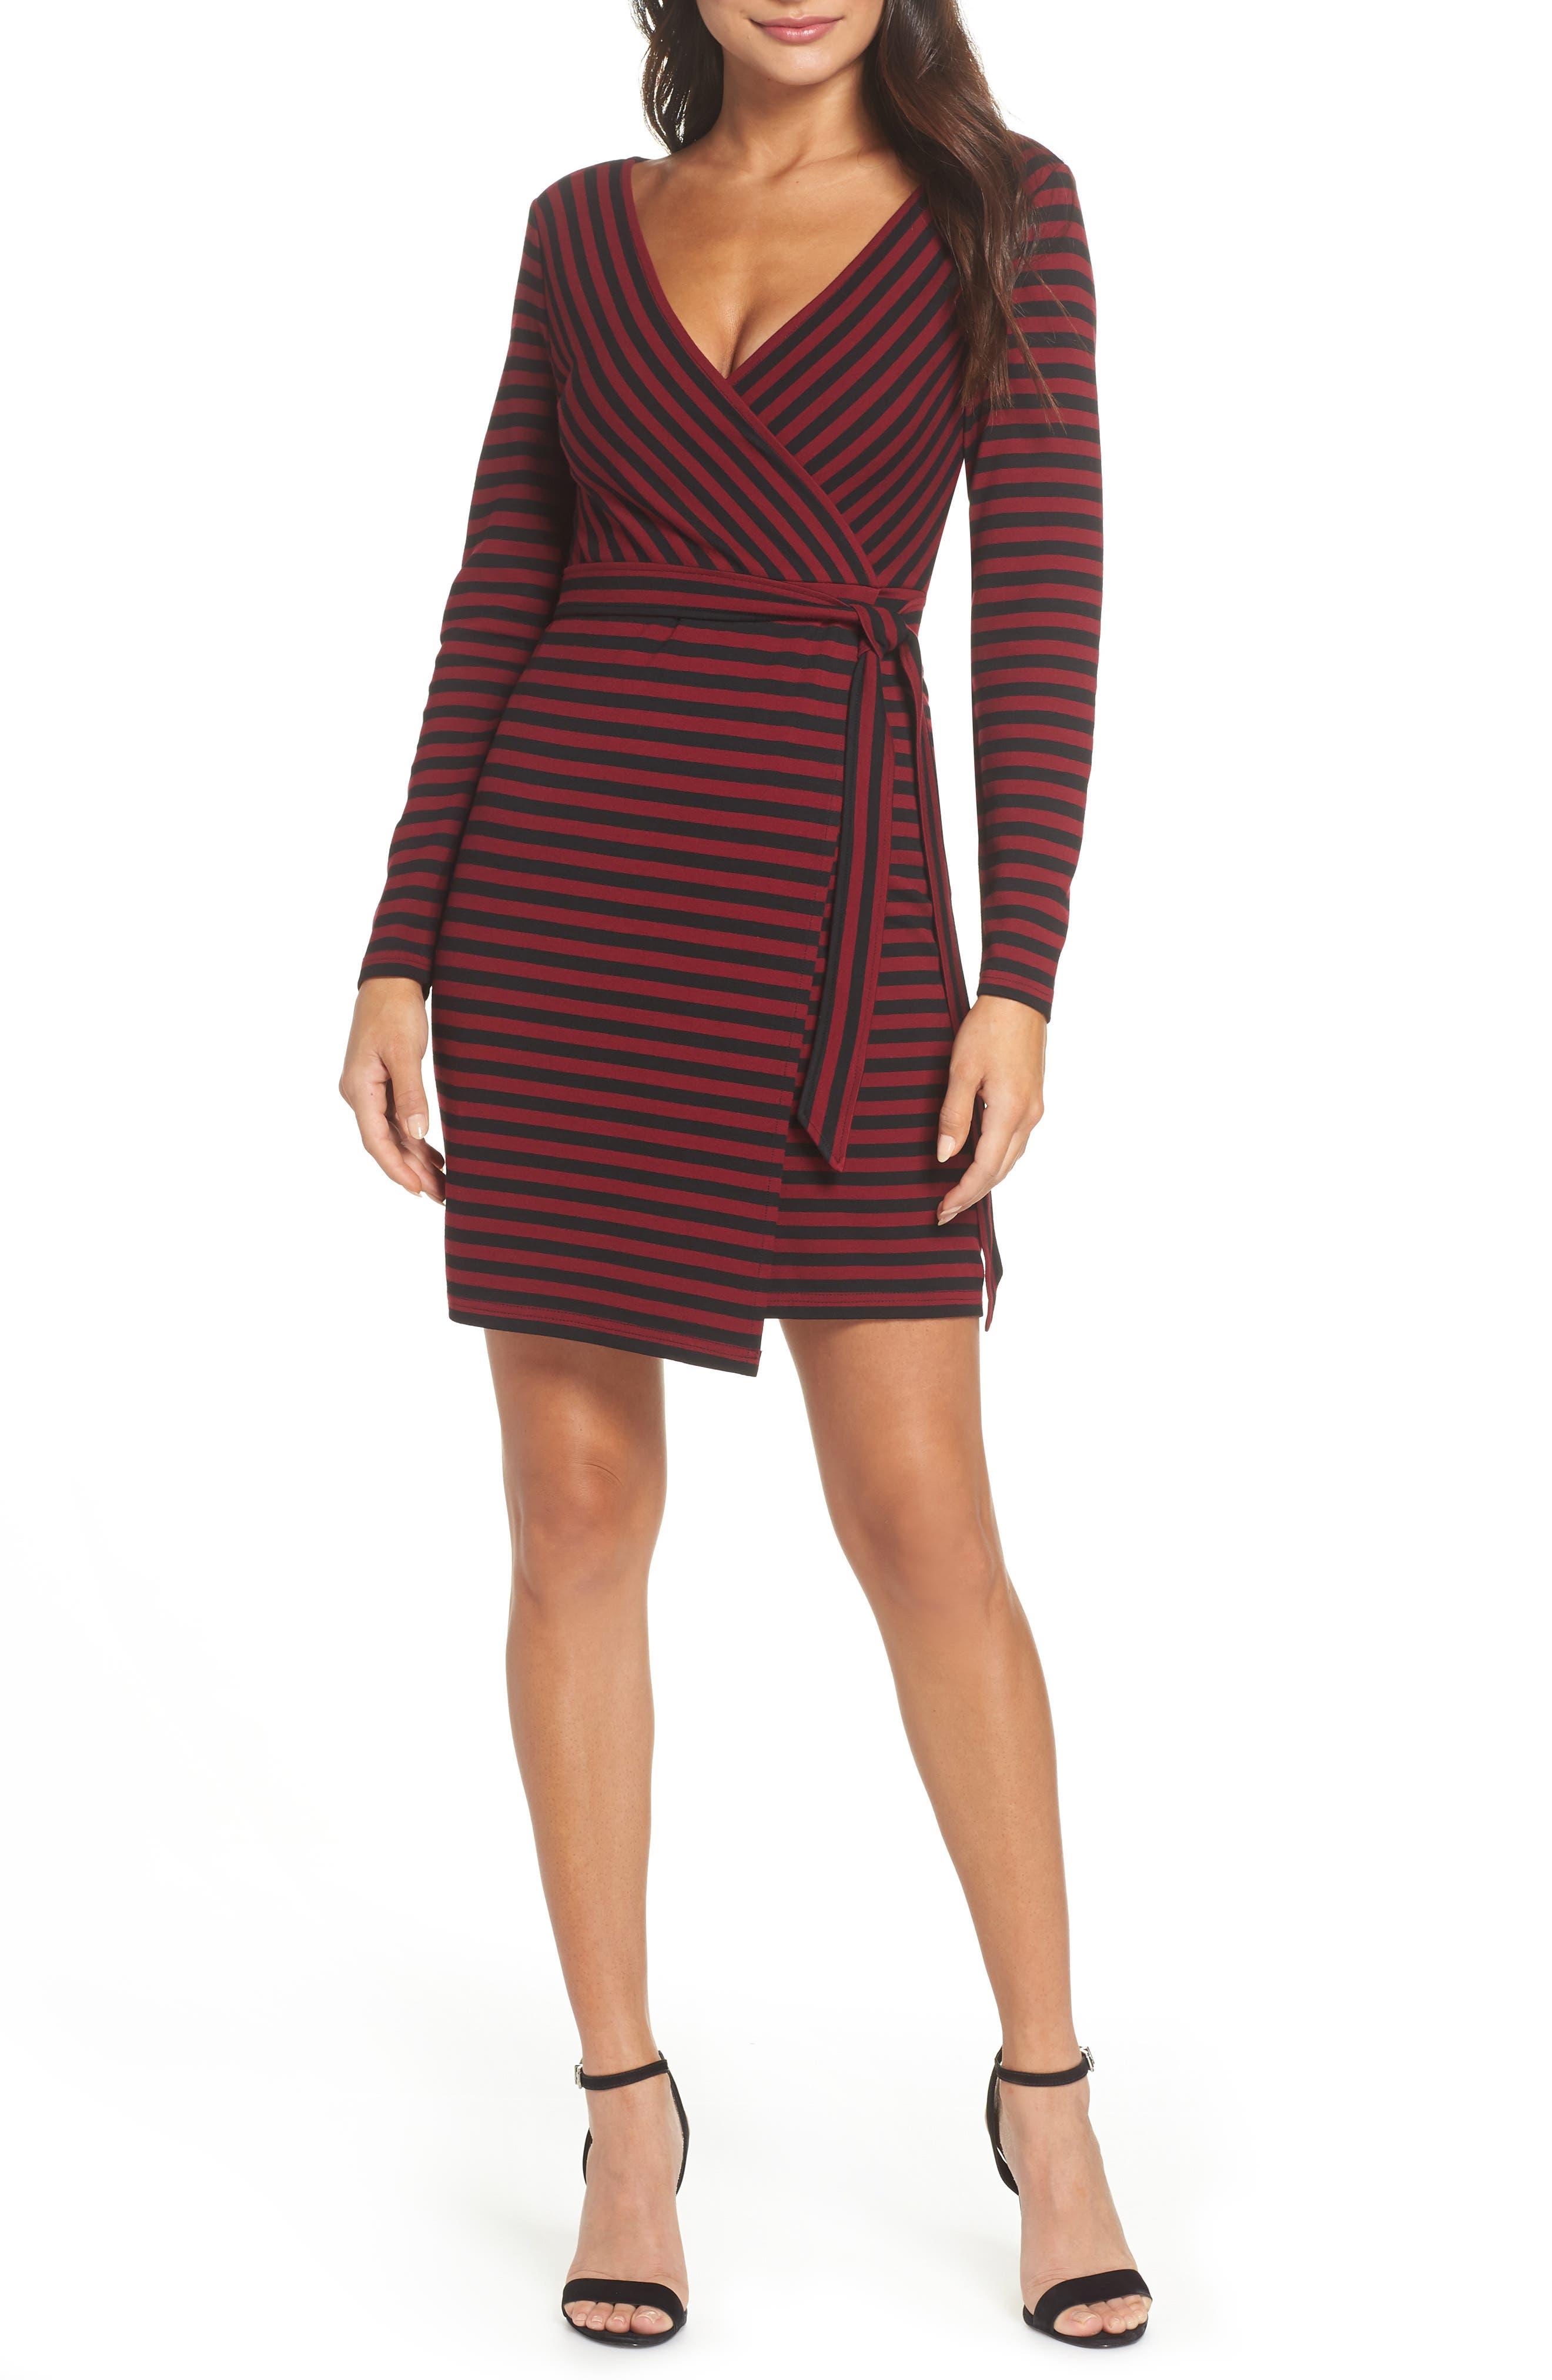 Bb Dakota All Day Everyday Ponte Faux Wrap Dress